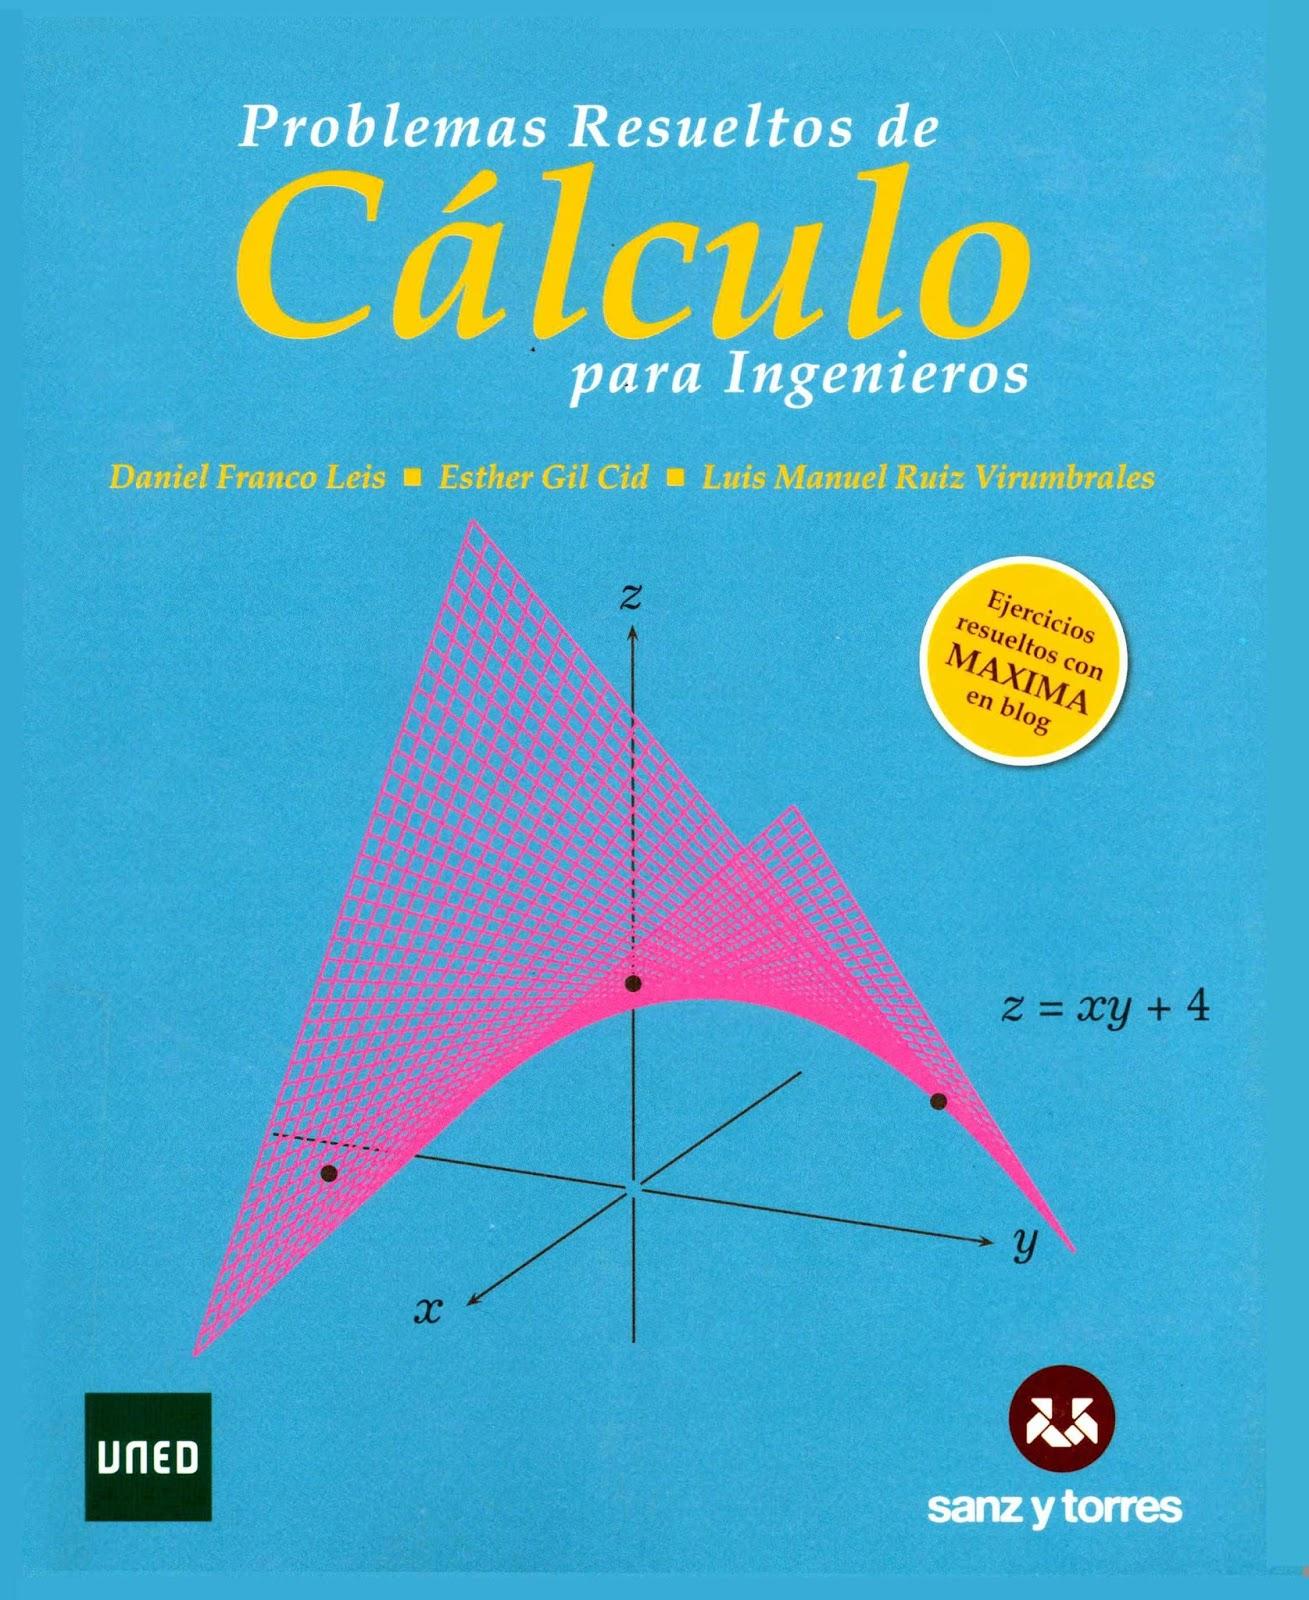 Problemas resueltos de cálculo para ingenieros – Daniel Franco Leis